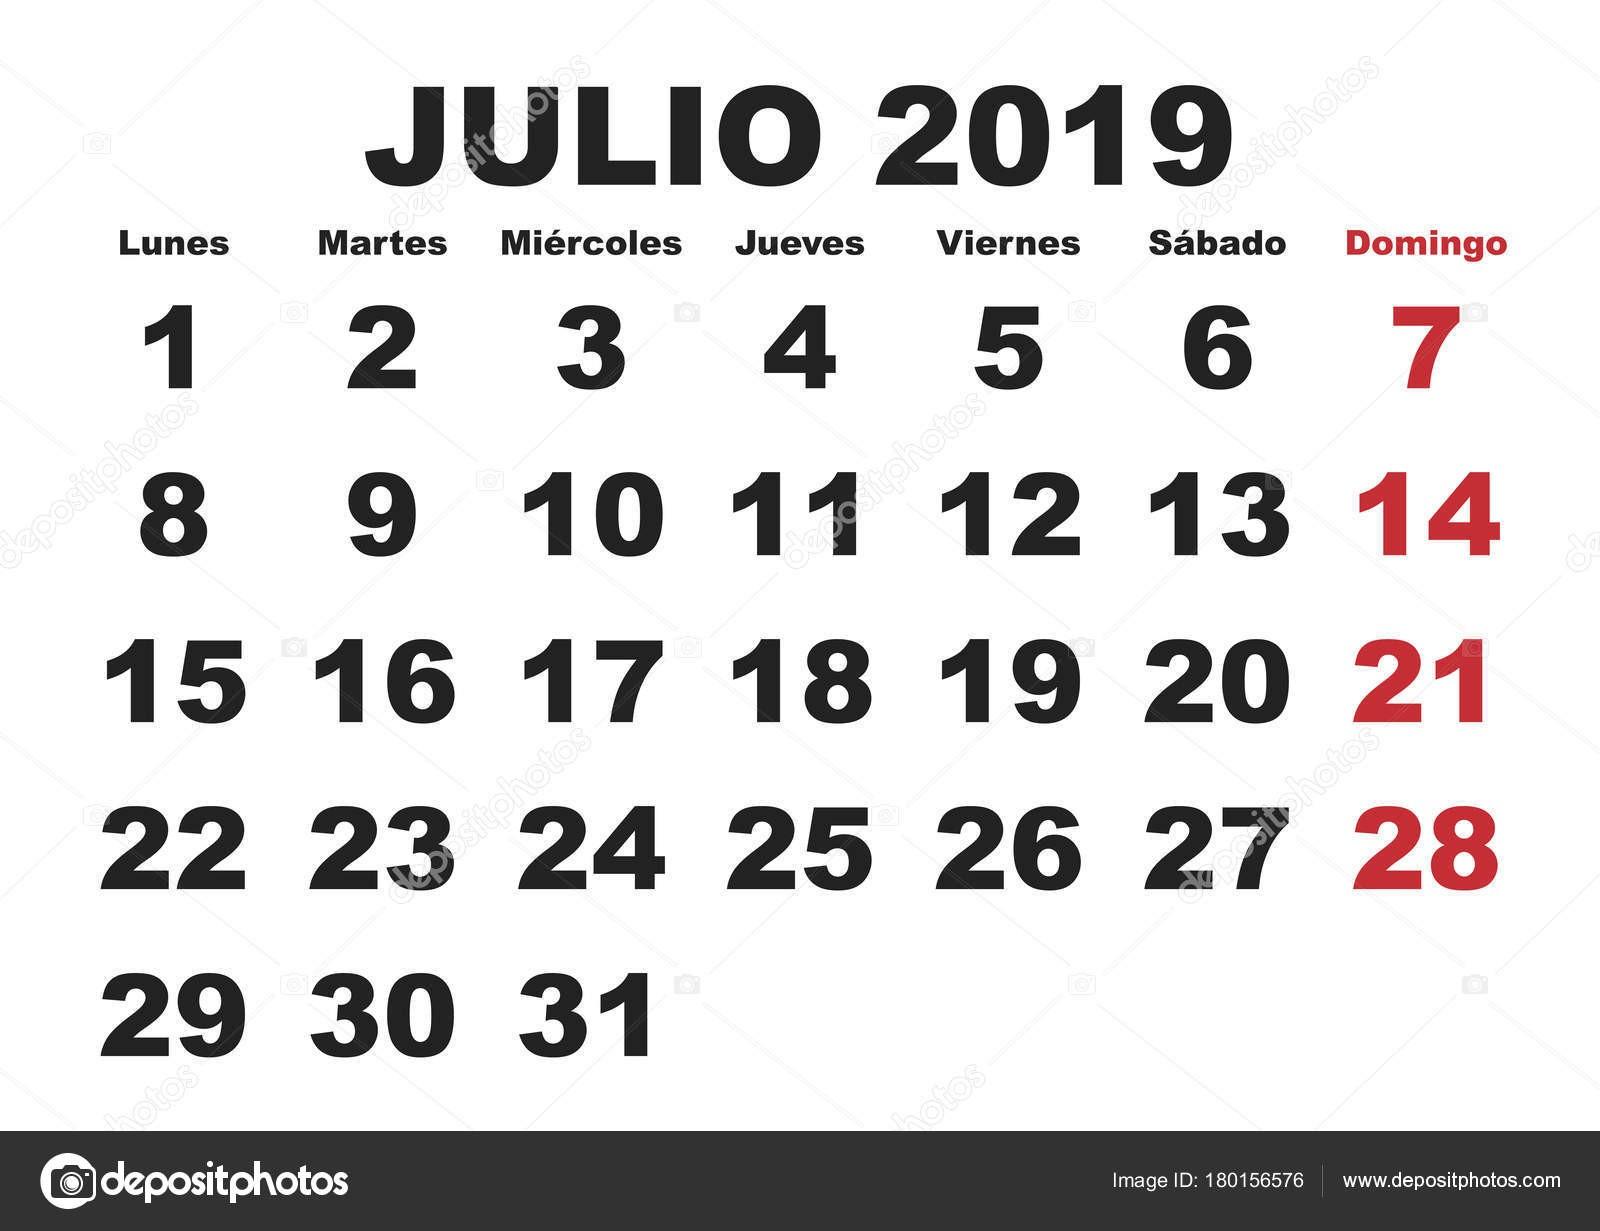 Měsce července v roce 2019 Nástěnn½ kalendář ve Å¡panělÅ¡tině Julio 2019 Calendario 2019 — Vektor od alfonsodetomas